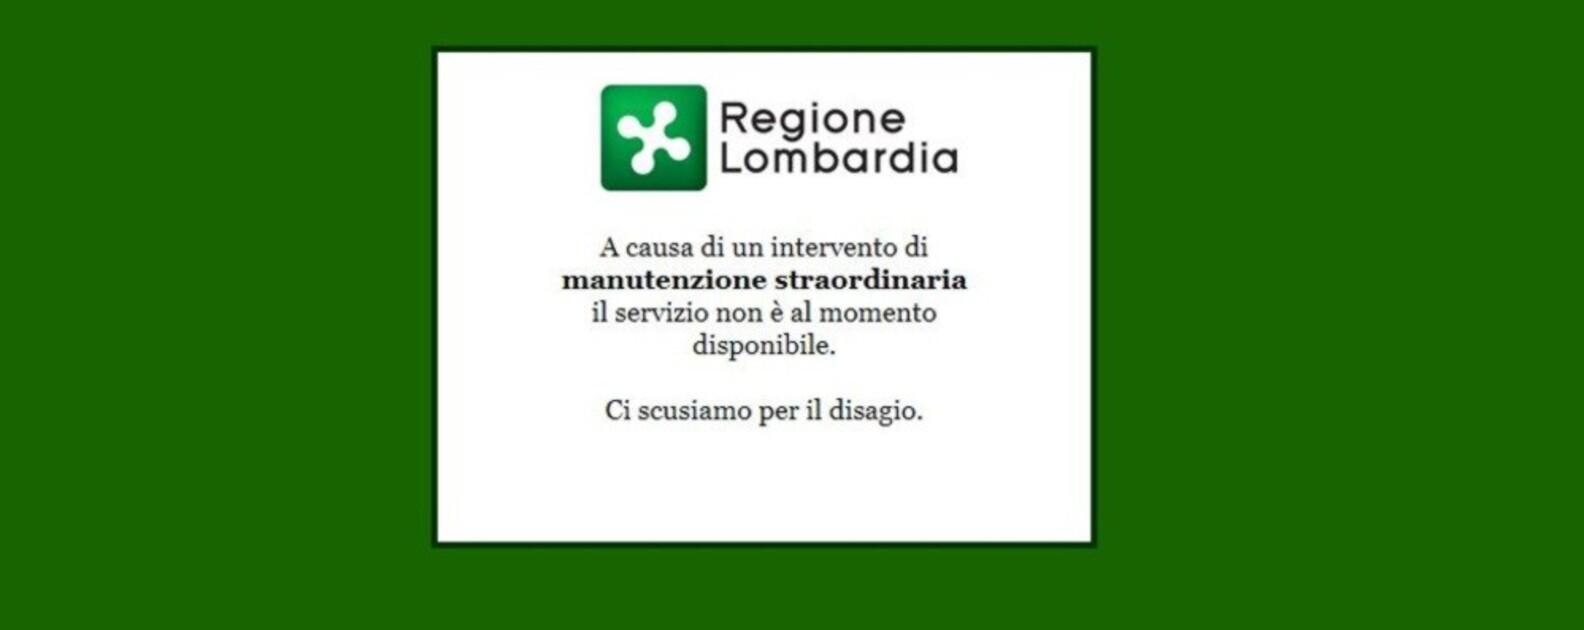 portale fascicolo sanitario lombardia